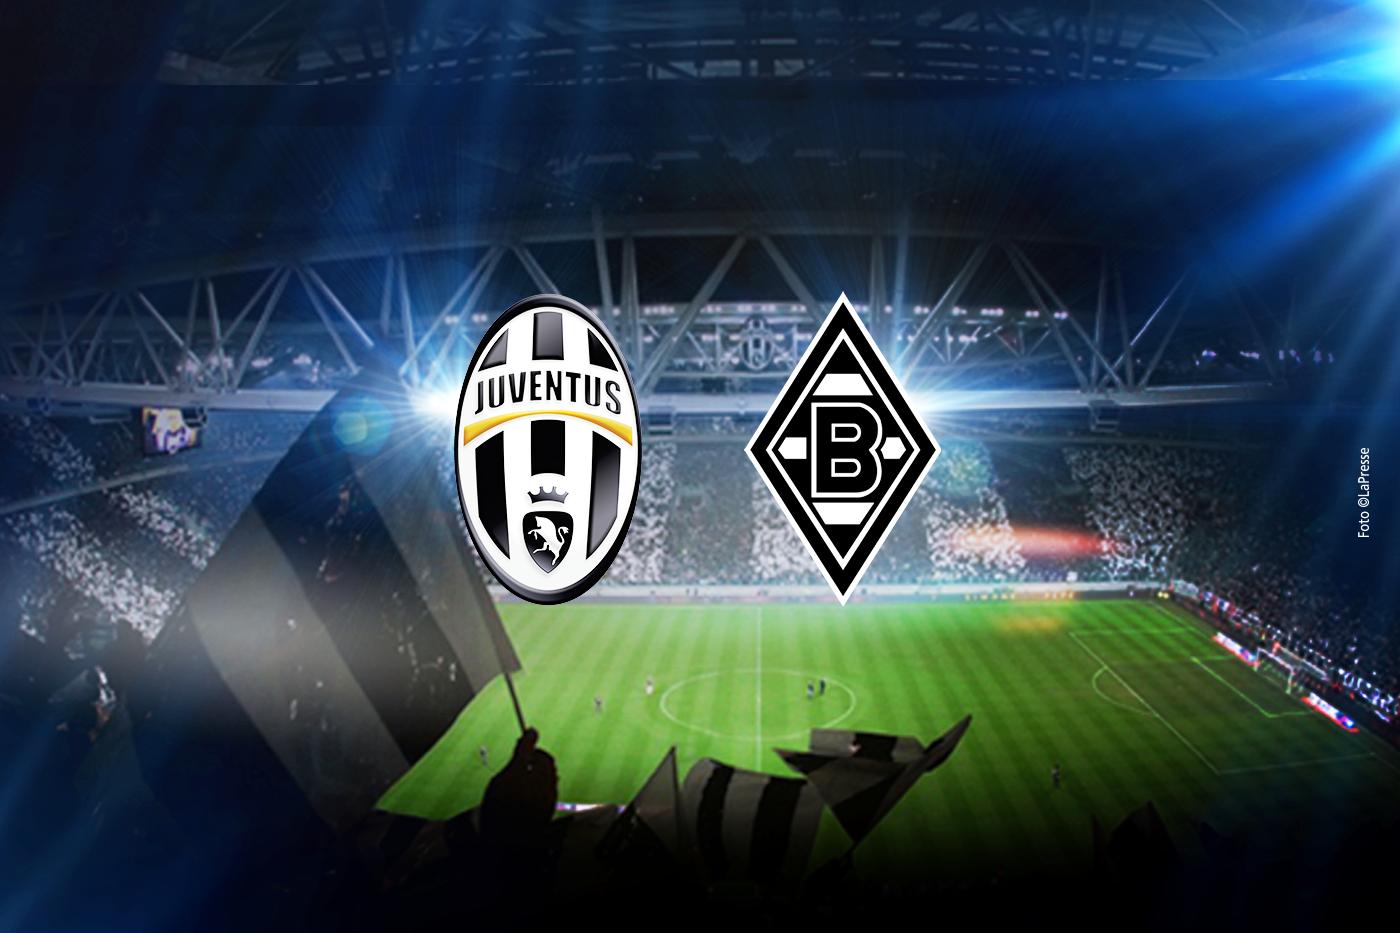 juventus-borussia-monchengladbach-ultime-formazioni-champions-league